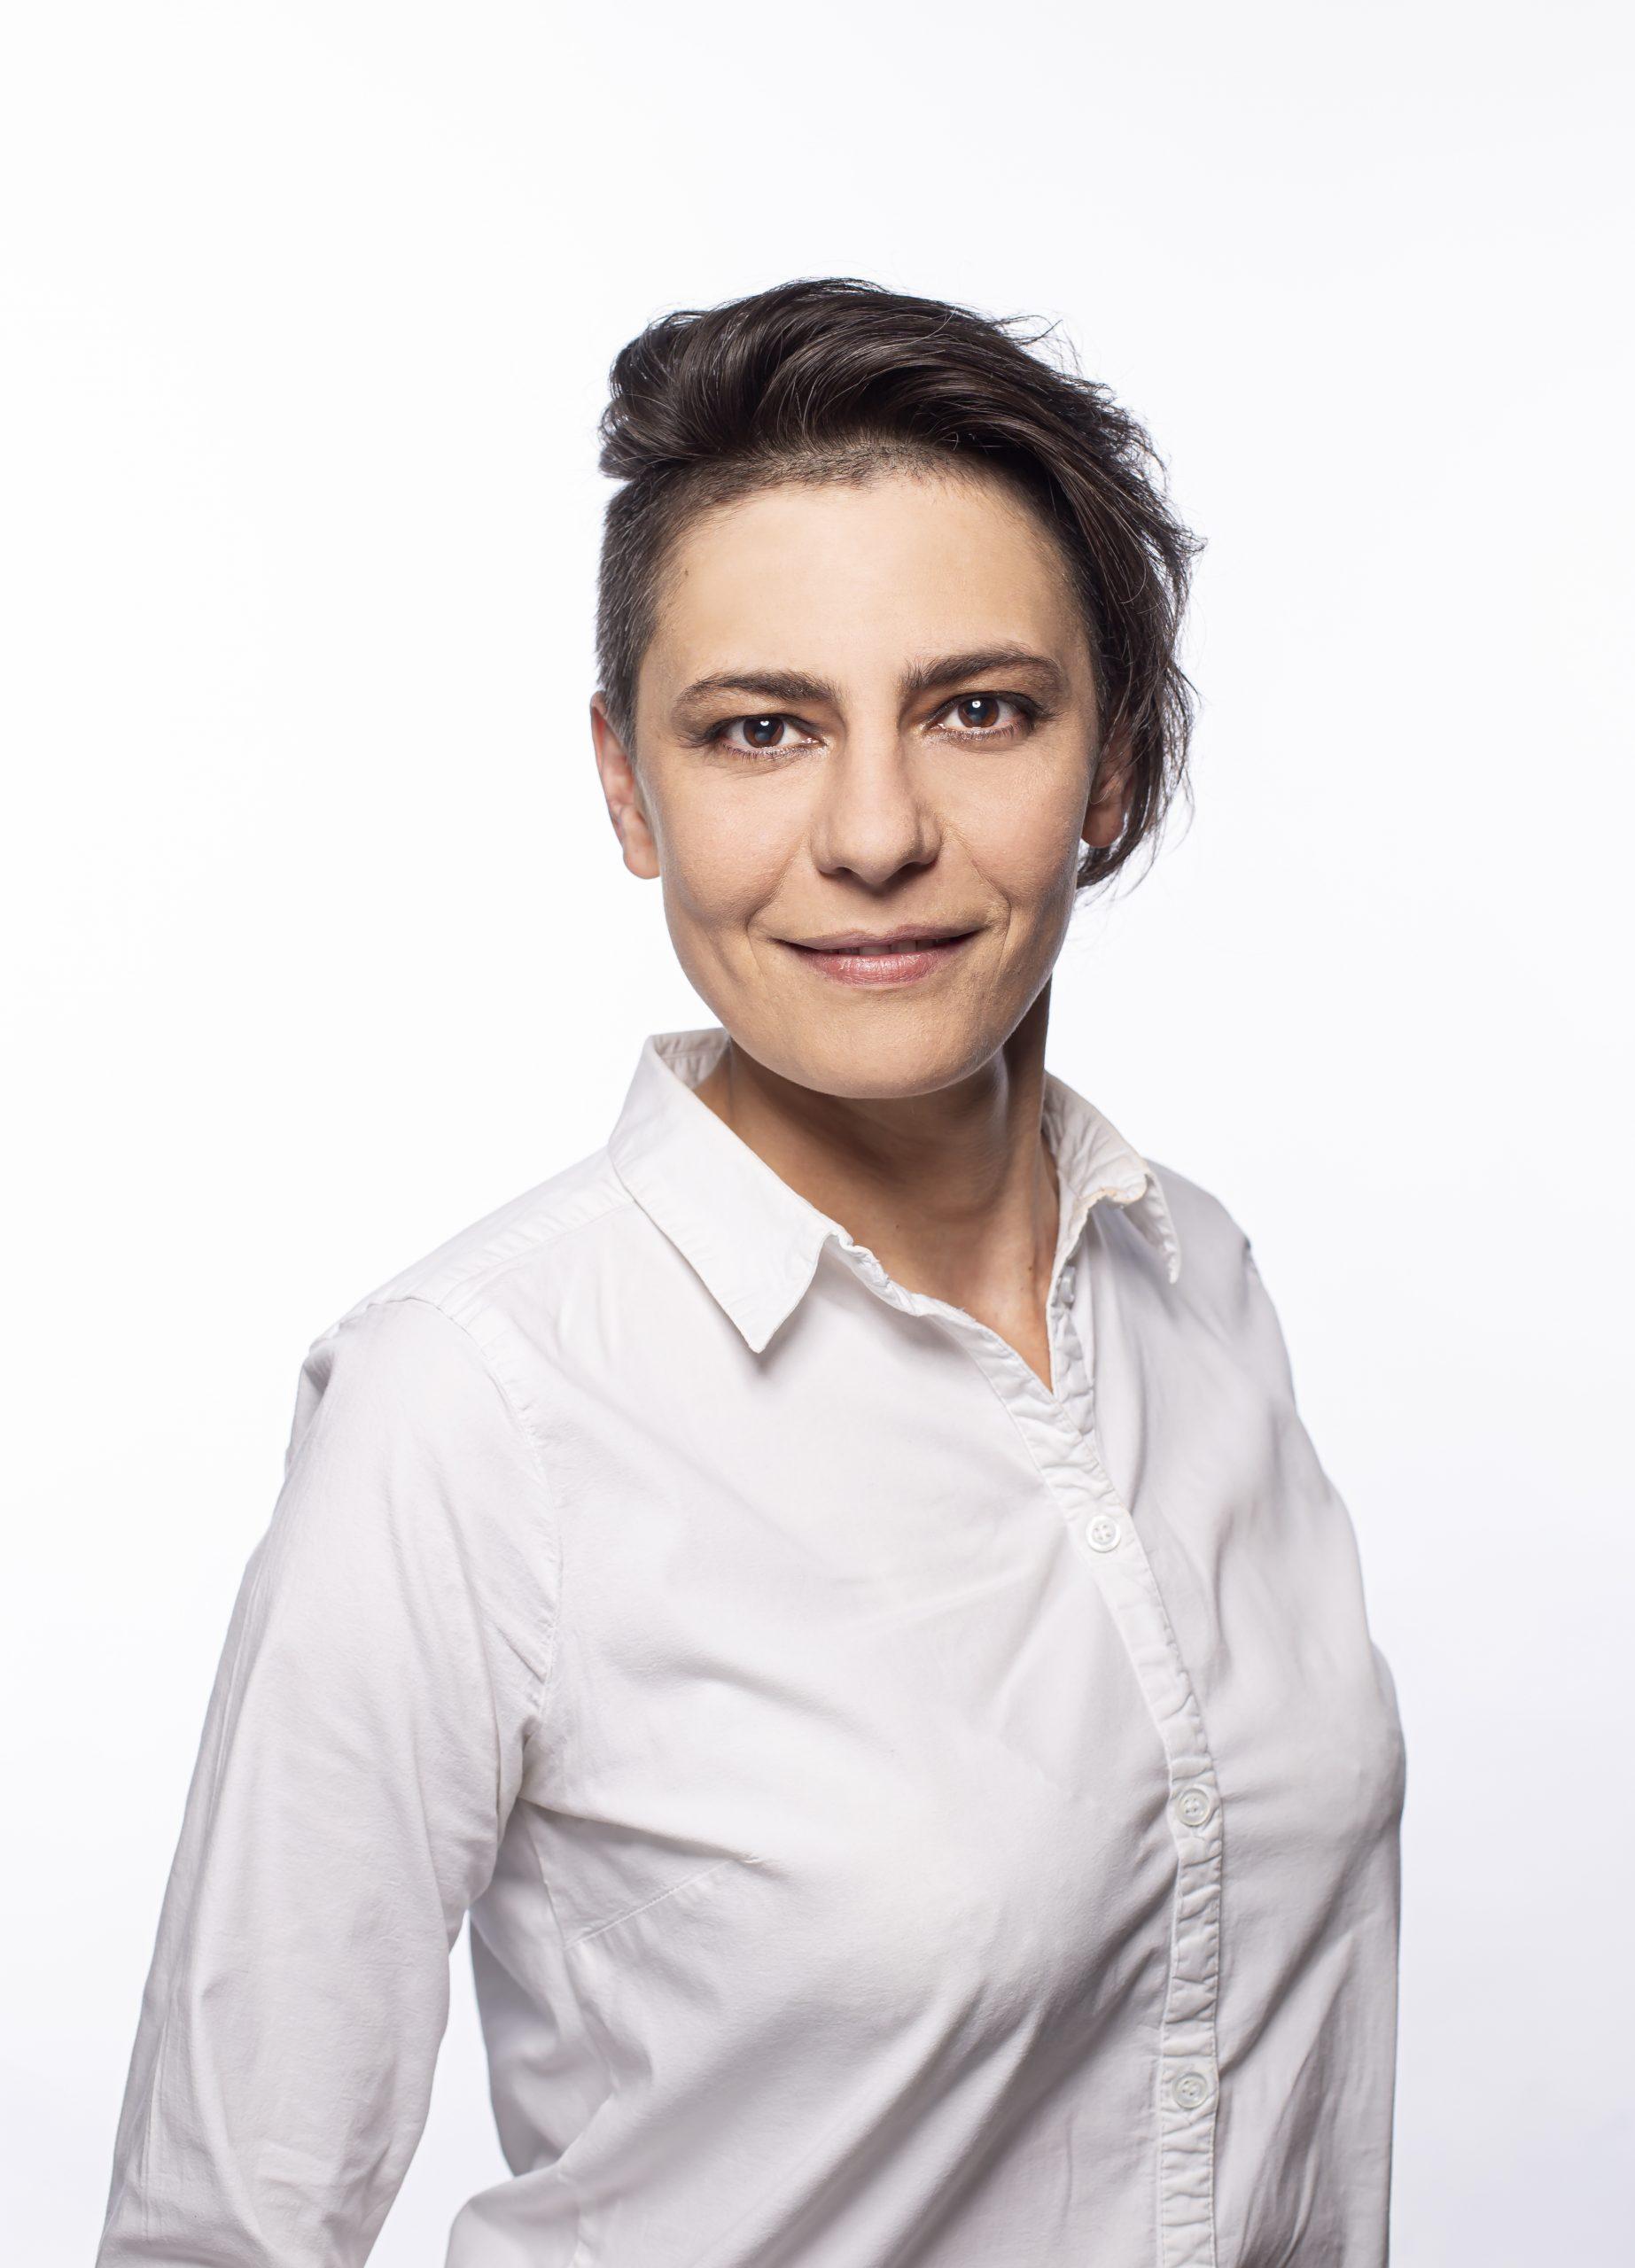 Anna Knapik